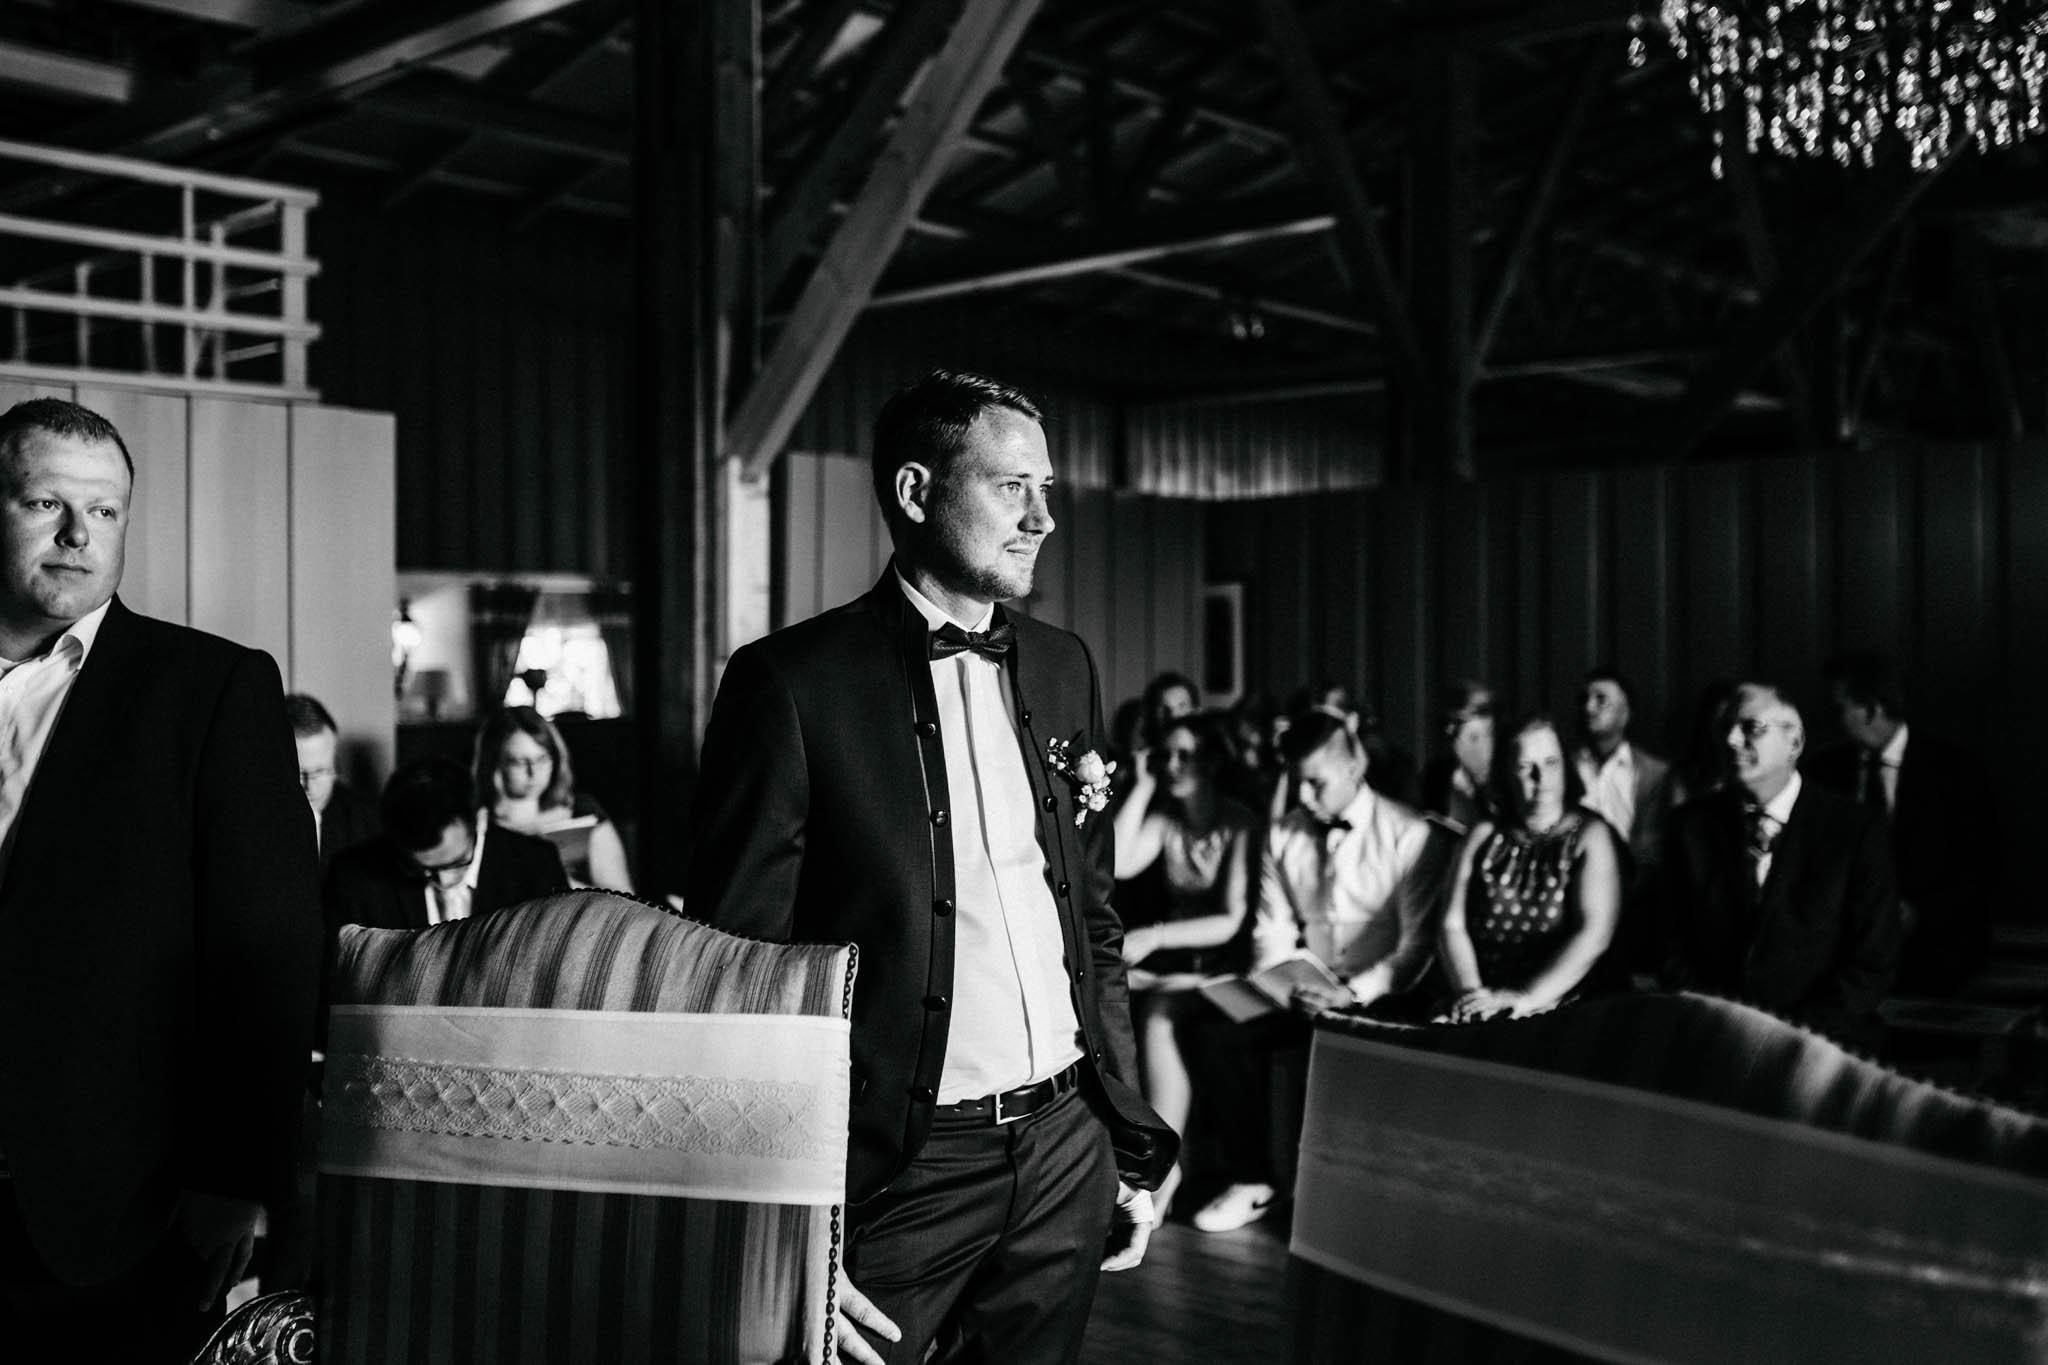 Hochzeitsfieber by Photo-Schomburg, Hoichzeitsfotograf, Hamburg, Wedding, Weddingtime, Hochzeitspaar, Braut, Bräutigam, Hochzeit im Norden,-36